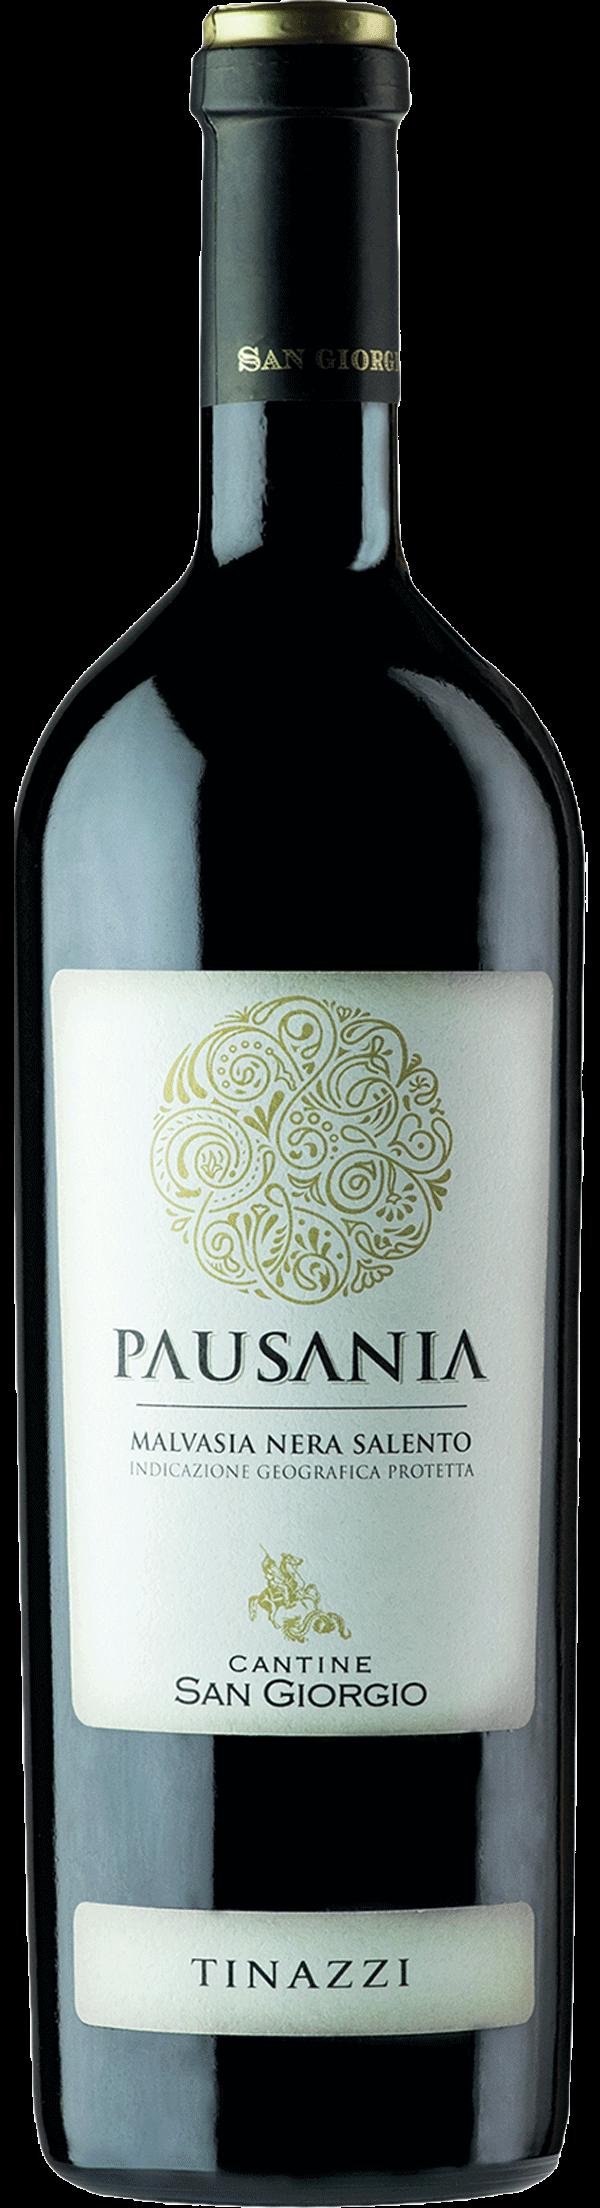 Pausania